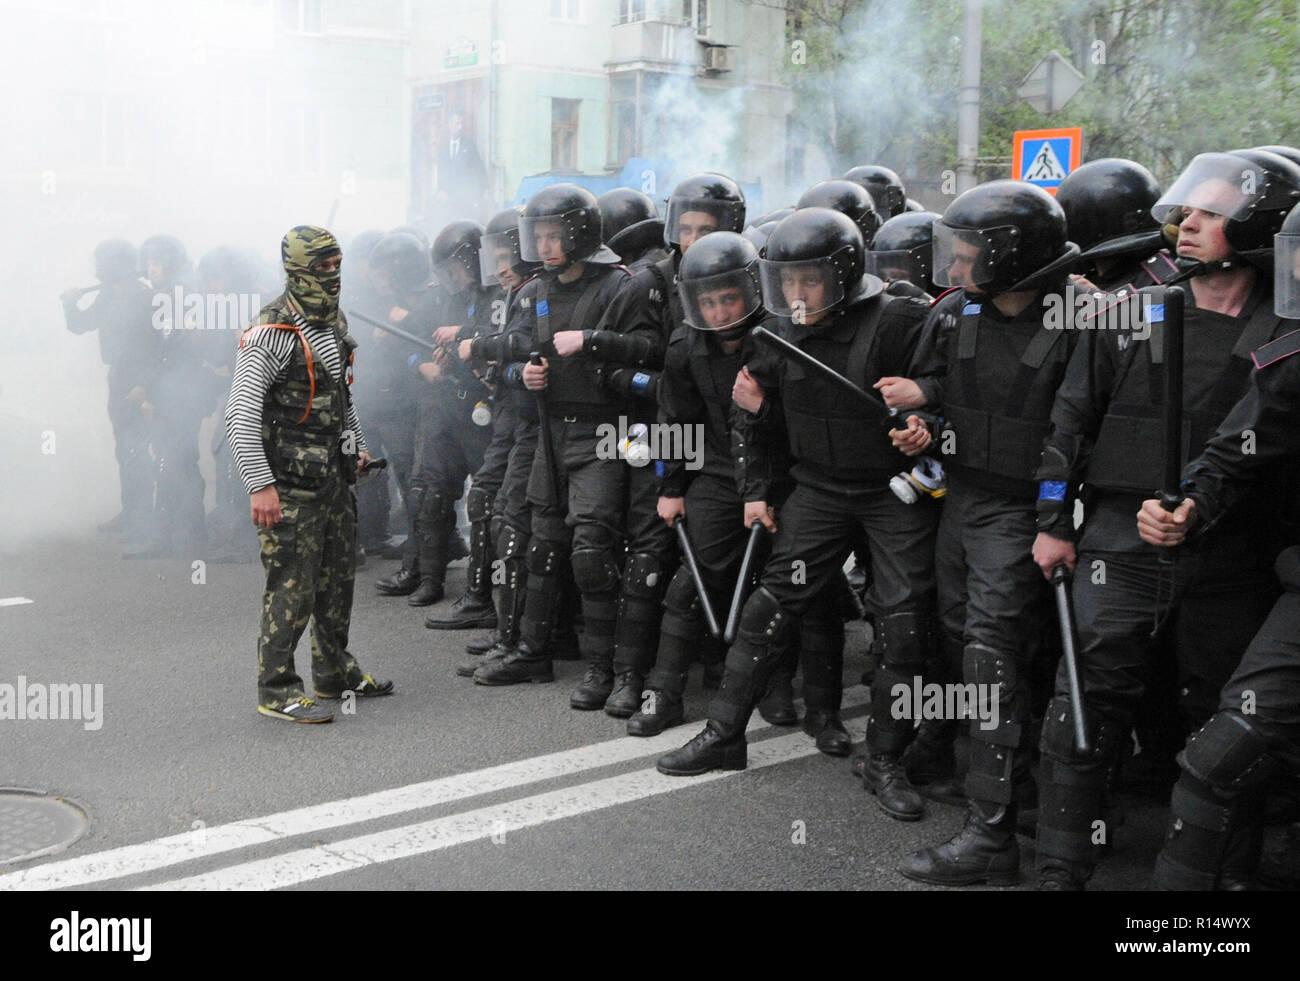 April 28, 2014 - Donezk, Ukraine: pro-russische separatistische Führer stellt ein Geschwader der ukrainischen Polizisten versuchen, eine friedliche Demonstration der Ukrainer für die Einheit ihres Landes zu schützen. Angst ist auf das Gesicht des Polizisten zu sehen, weil Sie wissen, es gibt Hunderte mehr gewalttätige Separatisten in den Straßen in der Nähe. Trotz Polizeischutz, der pro-russischen Gruppe gewaltsam angegriffen und verteilte die friedlichen Demonstranten. Die pro-russische separatistische Gruppe, meist Jugendliche in Balaclava, dann ihre Aktionen gefeiert durch schreien Sie hatten zertrümmerte 'Faschisten'. Une manif Stockbild